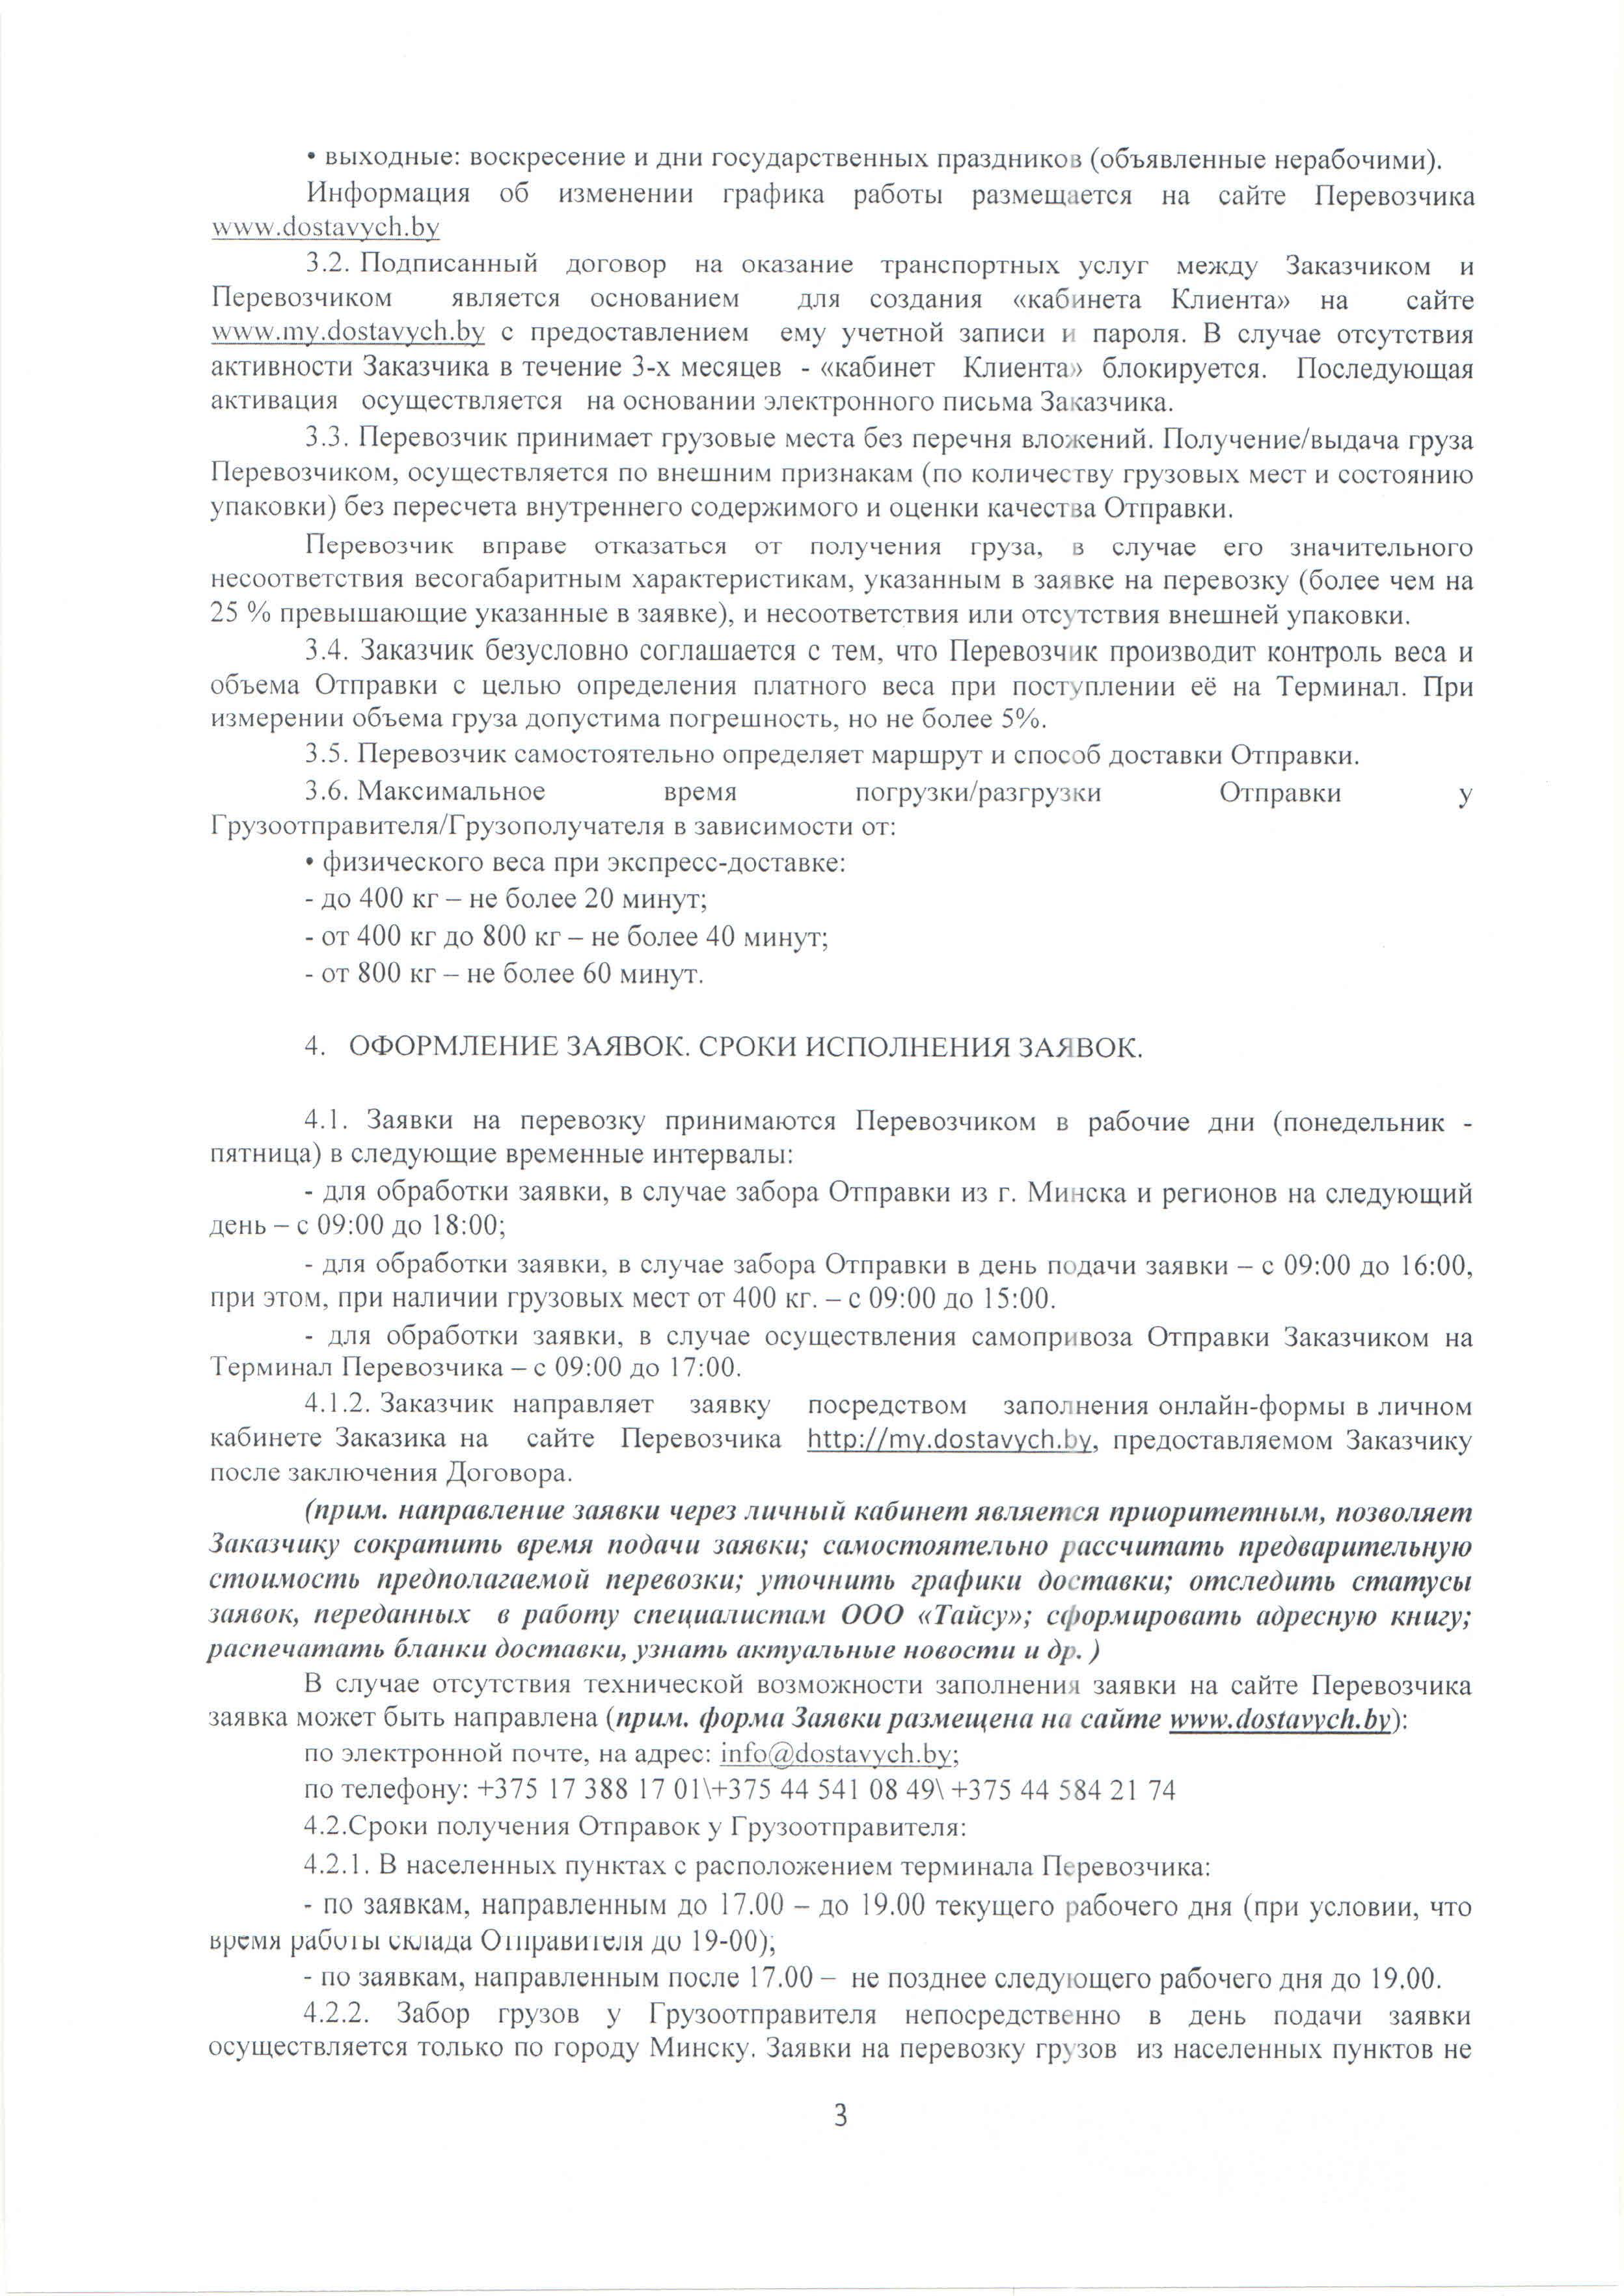 13.09.2018 Регламент_Страница_3